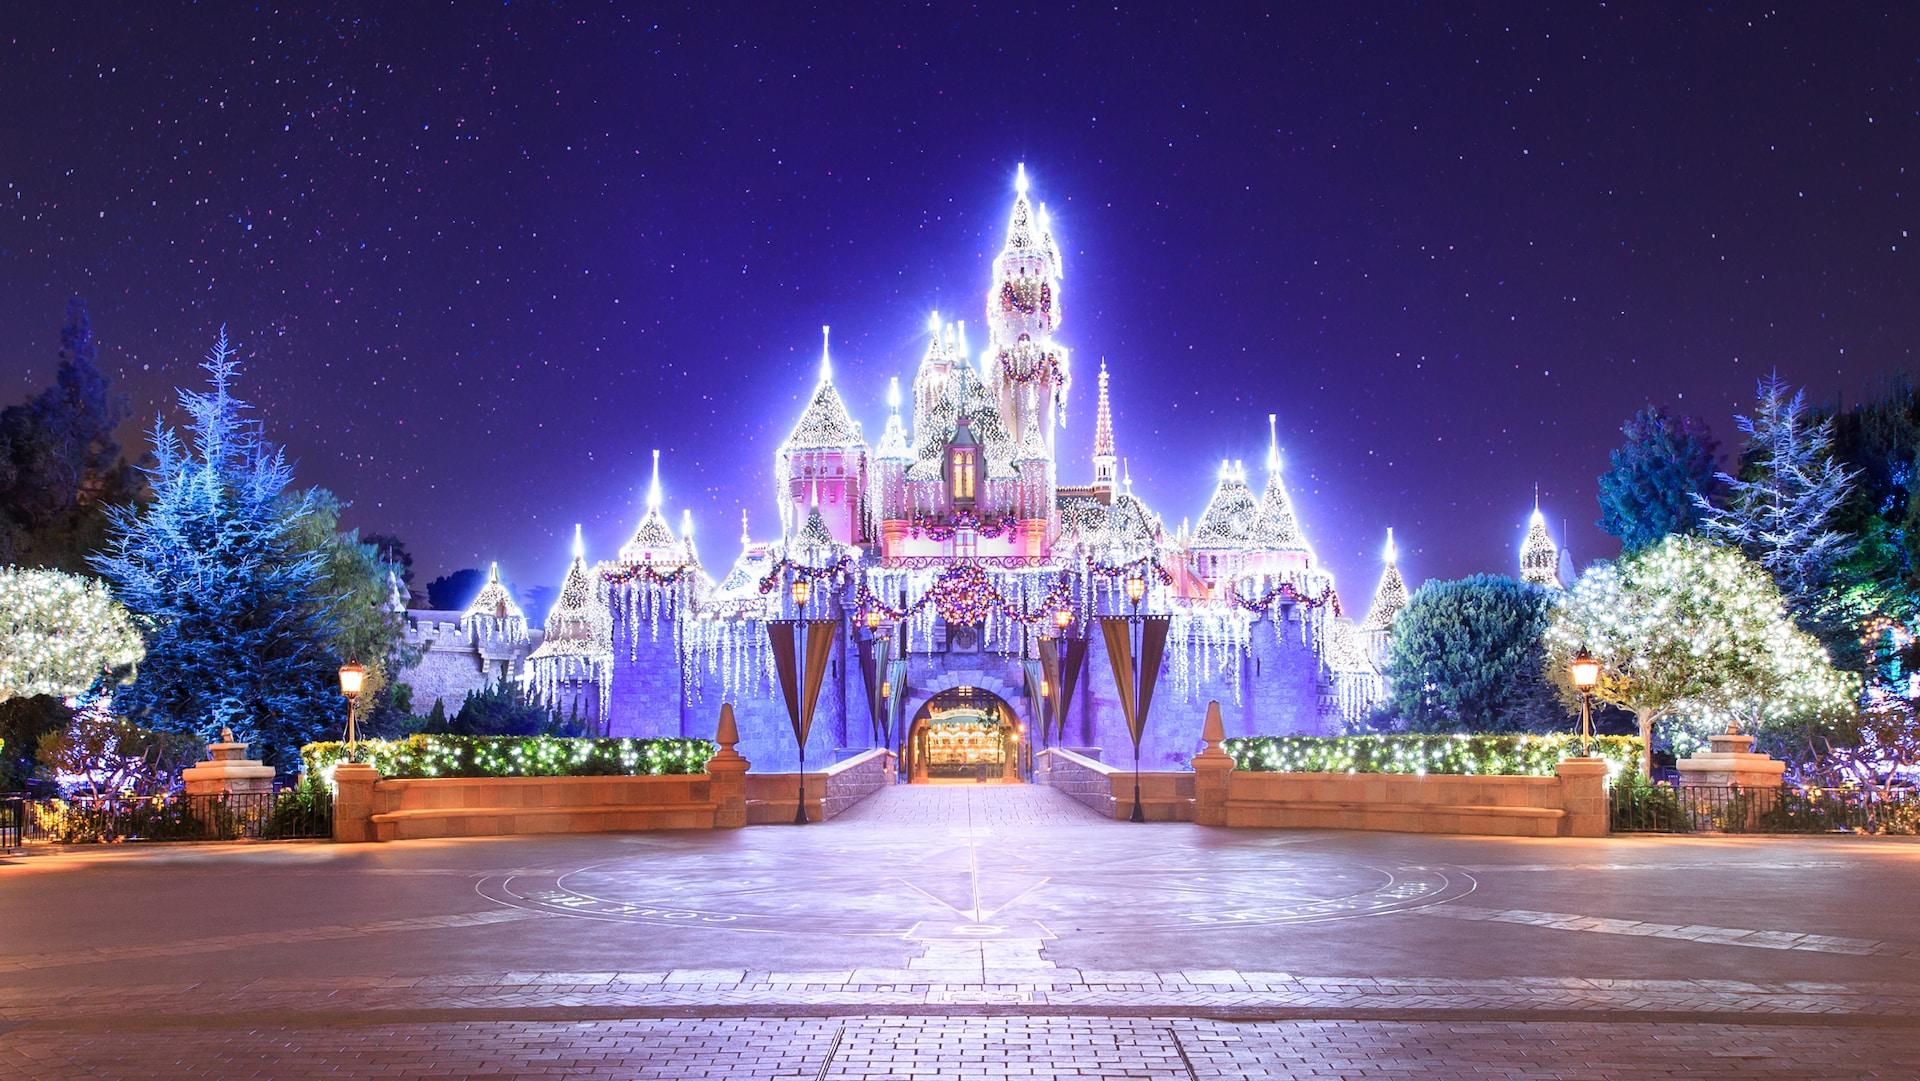 Holiday Decor Christmas Lighting At